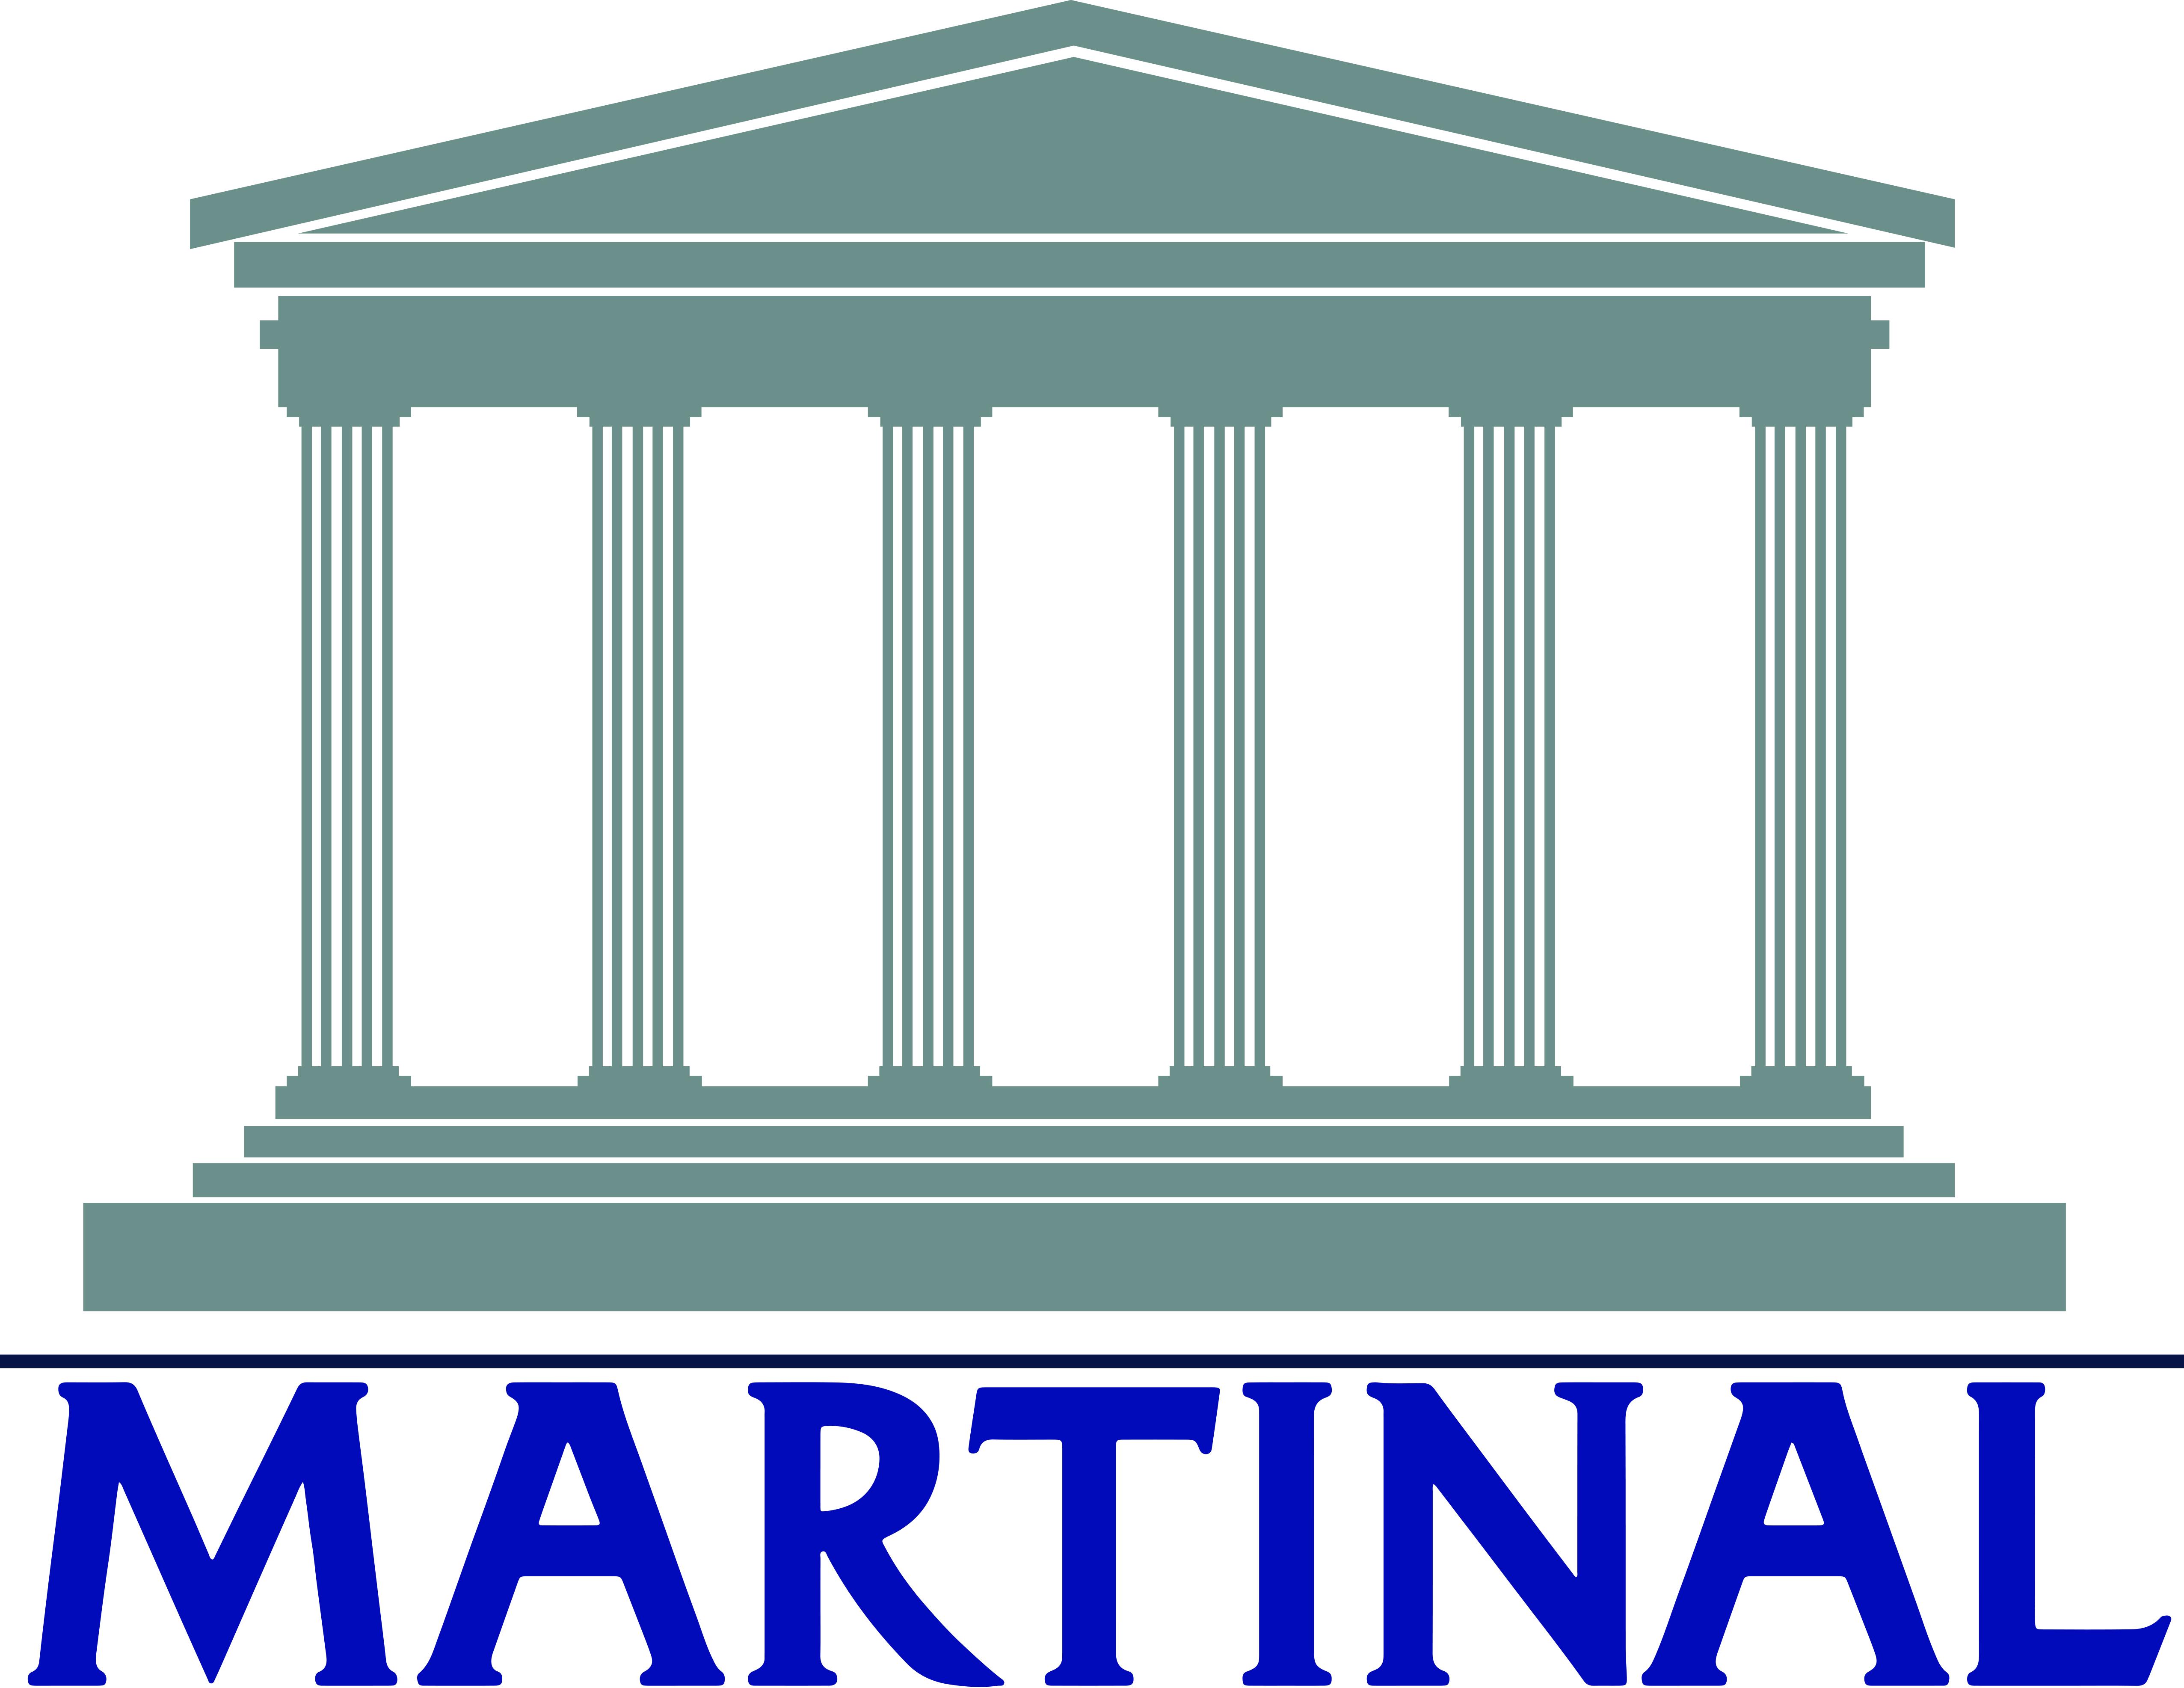 Martinal